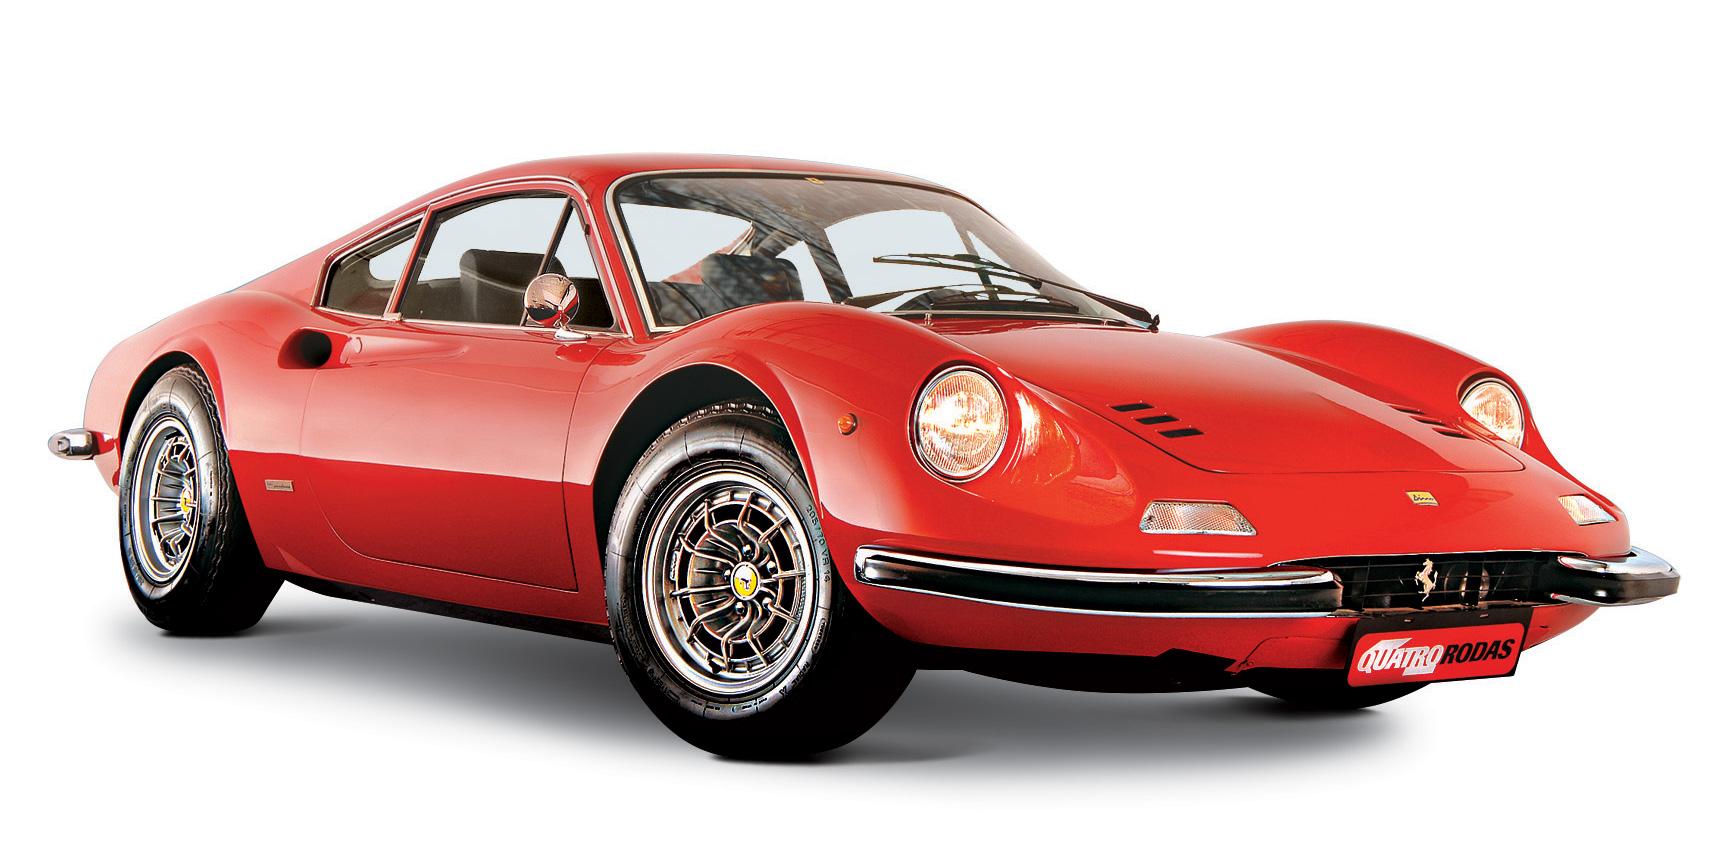 Classicos Ferrari Dino 246 Gt De Pai Para Filho Quatro Rodas